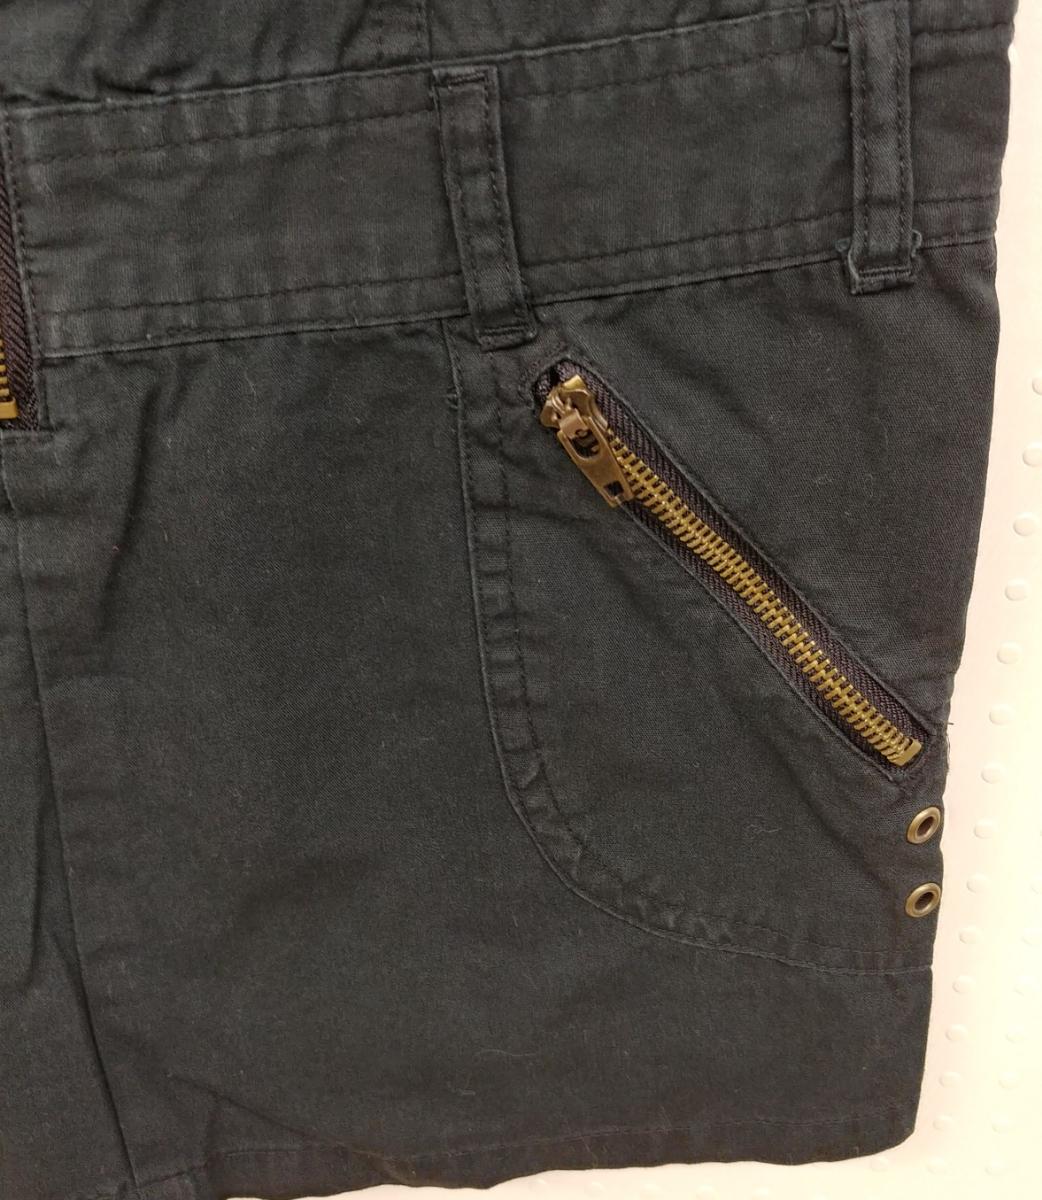 RAYALICE 女児ワンピース ノースリーブ 襟つき  サイズ:140㎝ QUAL:綿100% col:ブラック 新品未使用(タグ付き) _画像4